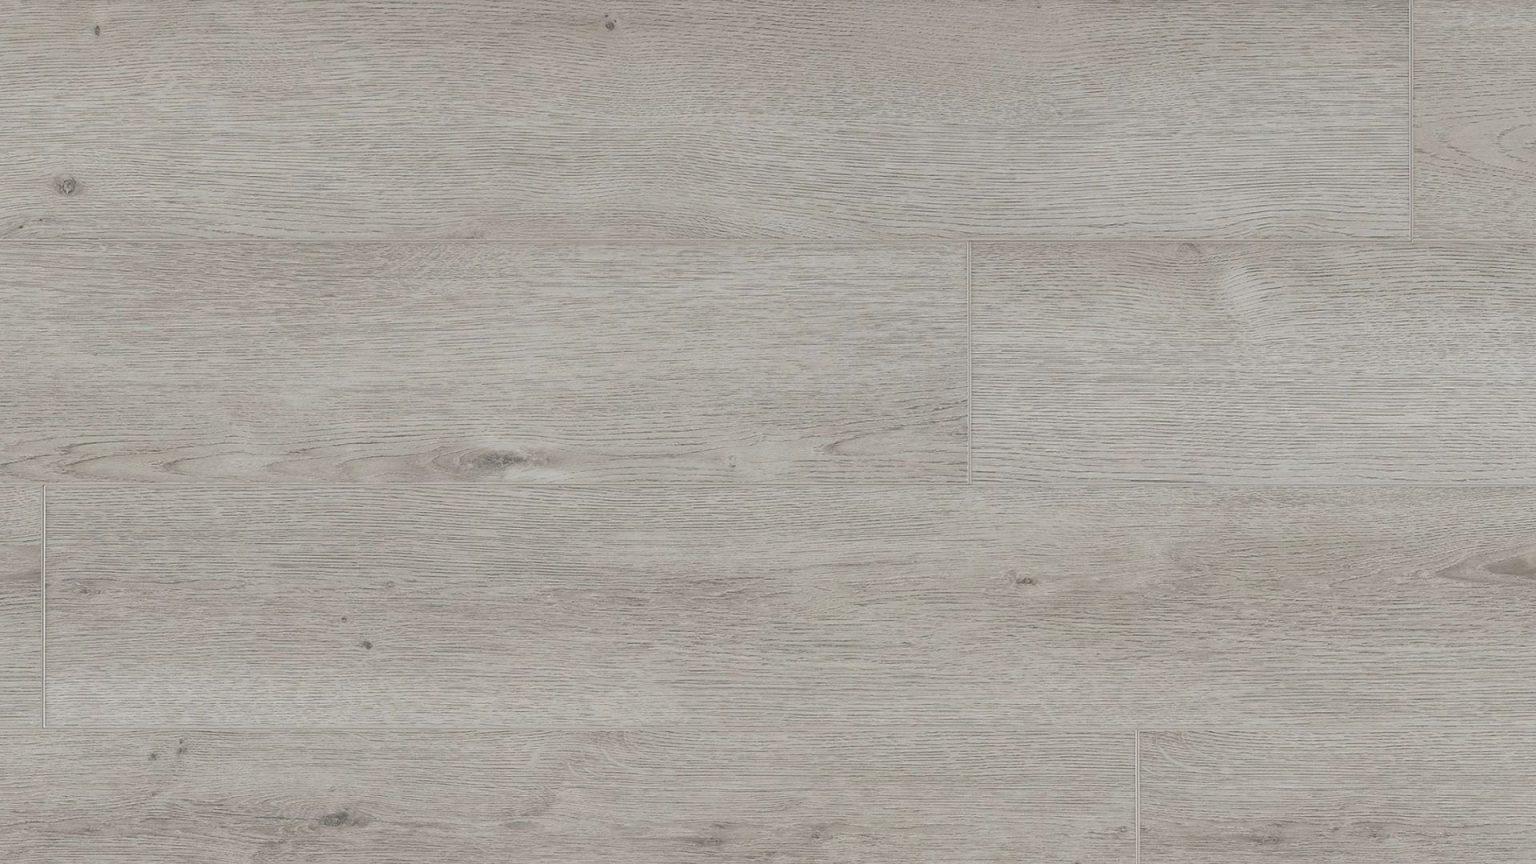 Erie 50 LVRE 112 / COREtec® authentics wood